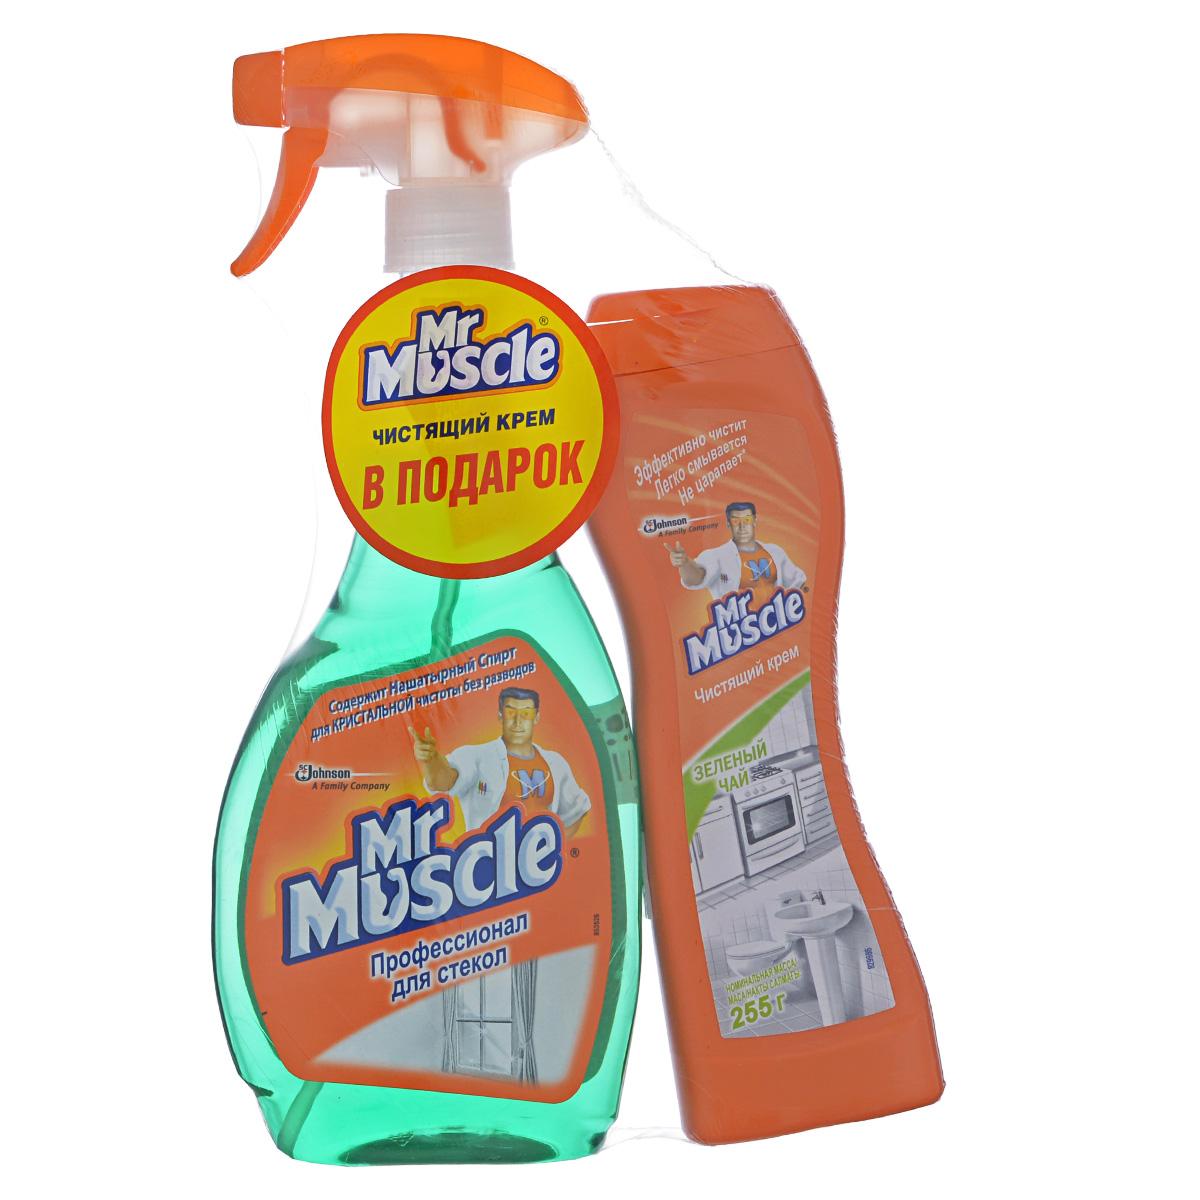 Чистящее средство для стекол Mr. Muscle, с нашатырным спиртом, 500 мл + ПОДАРОК: Чистящий крем Mr. Muscle Зеленый чай, универсальный, 250 мл673789Благодаря входящему в состав нашатырному спирту, чистящее средство Mr. Muscle эффективно удаляет грязь, жир, сажу, минеральные масла, придает блеск и не оставляет разводов. Идеально подходит для мытья оконного, витринного автомобильного стекол, зеркал, кафеля, внешних панелей электробытовых приборов, хромированных поверхностей, поверхностей из нержавеющей стали. Средство не нужно смывать водой. К чистящему средству для стекол Mr. Muscle прилагается ПОДАРОК: Чистящий крем Mr. Muscle Зеленый чай, универсальный. Мощная формула чистящего крема Mr. Muscle Зеленый чай легко расщепляет самые трудновыводимые загрязнения, такие как пригоревший жир на кухне и налет в ванной. Легко смывается после применения и не оставляет разводов. Крем бережно очищает поверхности, возвращая им первоначальный блеск, и дарит вашему дому восхитительный аромат свежести. Объем средства для стекол: 500 мл. Объем чистящего крема: 250 мл.